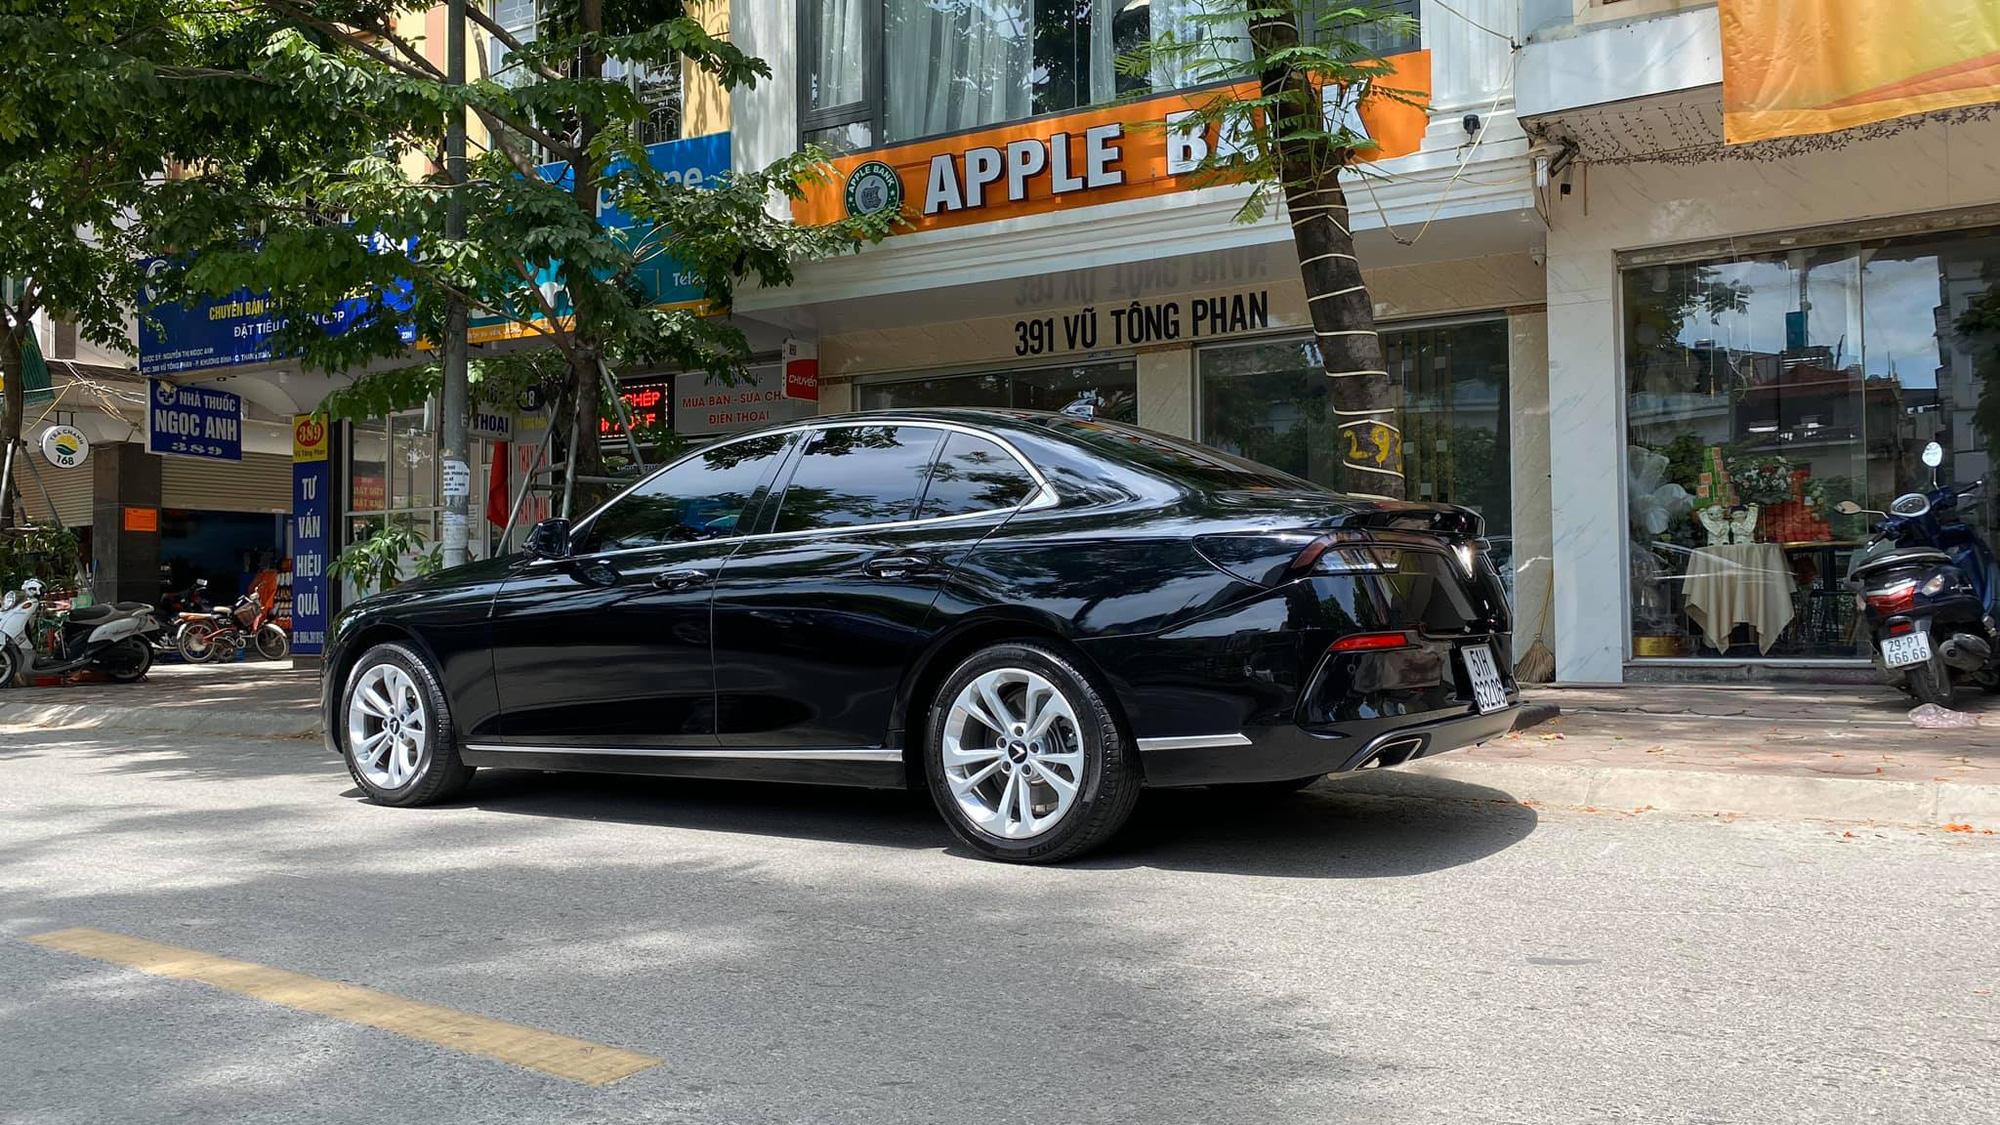 Vừa đăng kí 3 tháng, chủ nhân VinFast Lux A2.0 bán xe rẻ hơn giá niêm yết 300 triệu đồng - Ảnh 5.